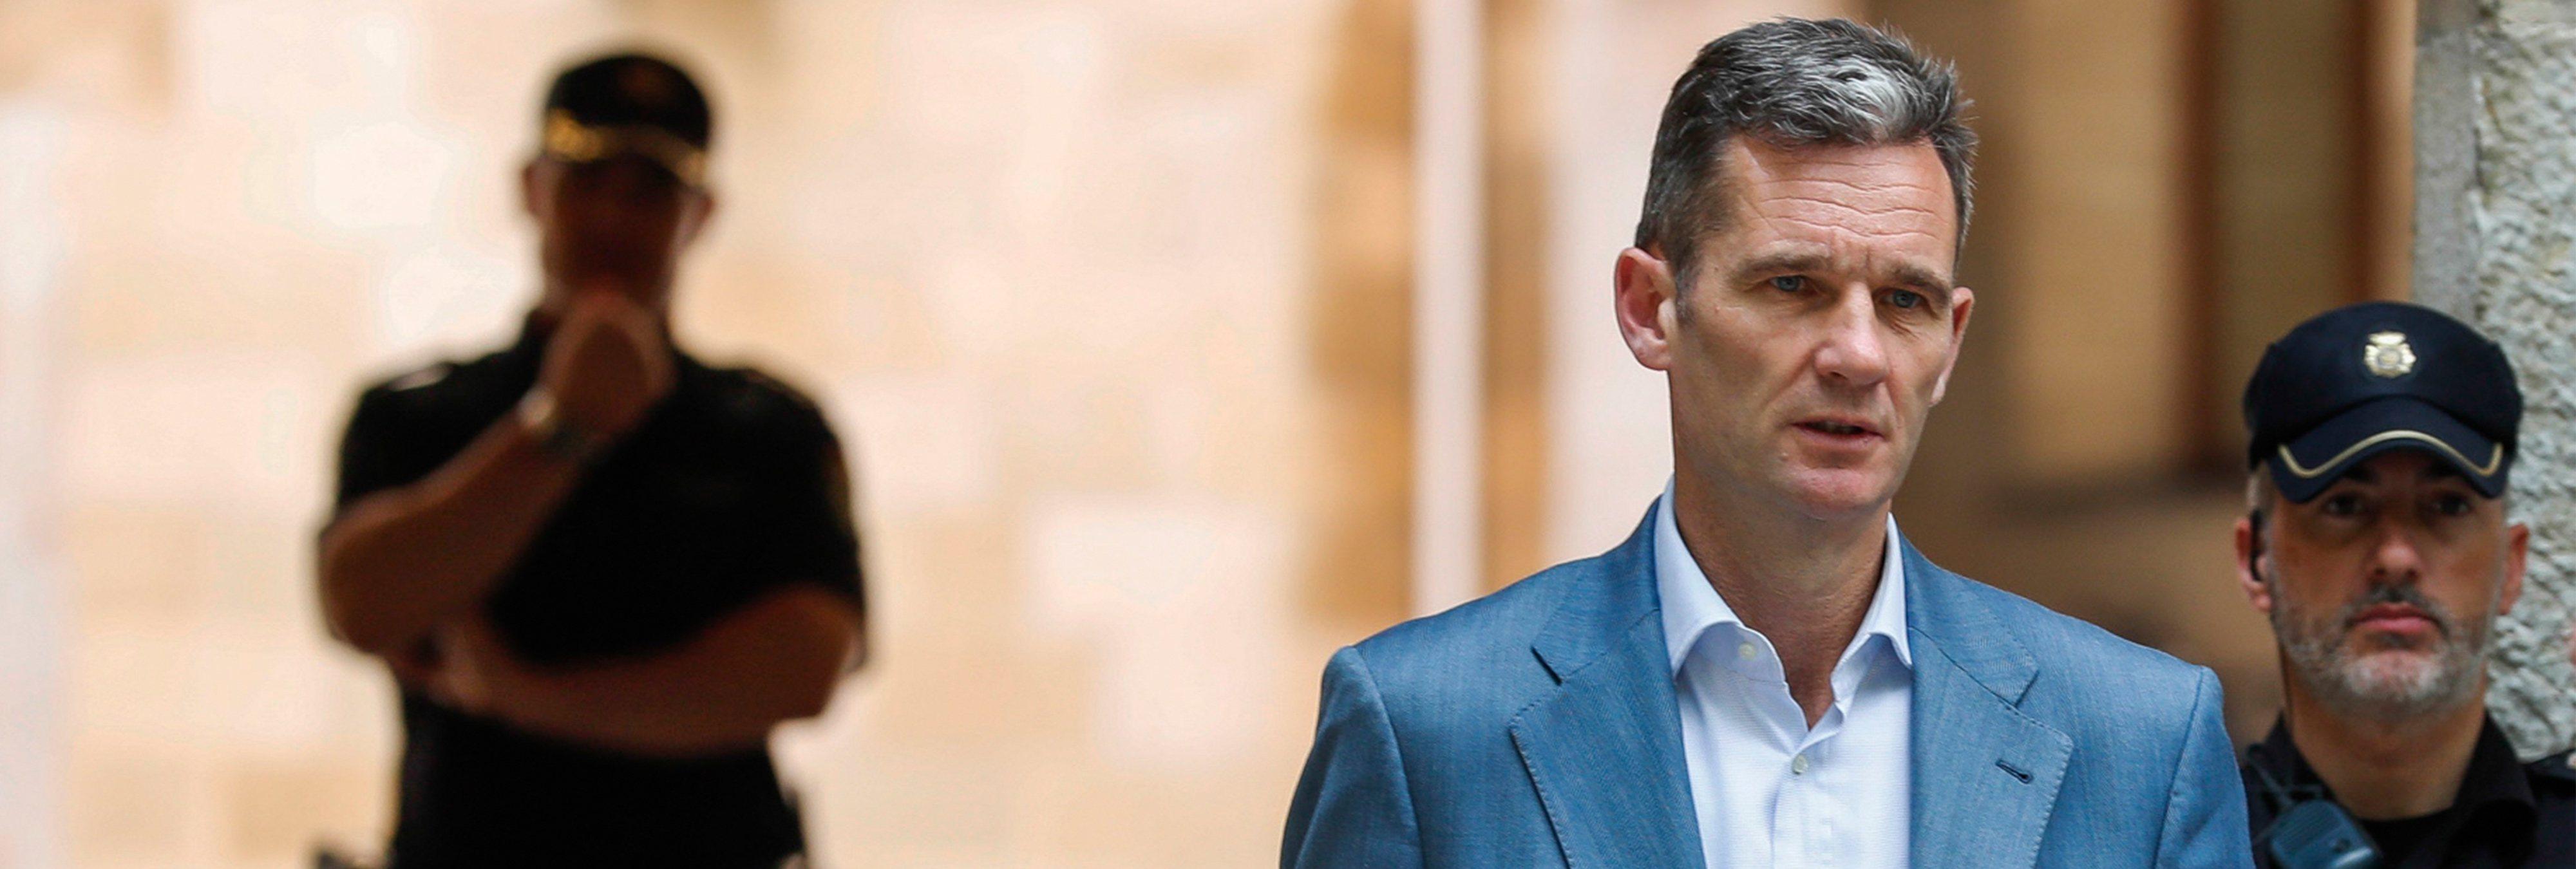 Iñaki Urdangarin permanecerá en la prisión de Brieva por lo menos durante seis meses más